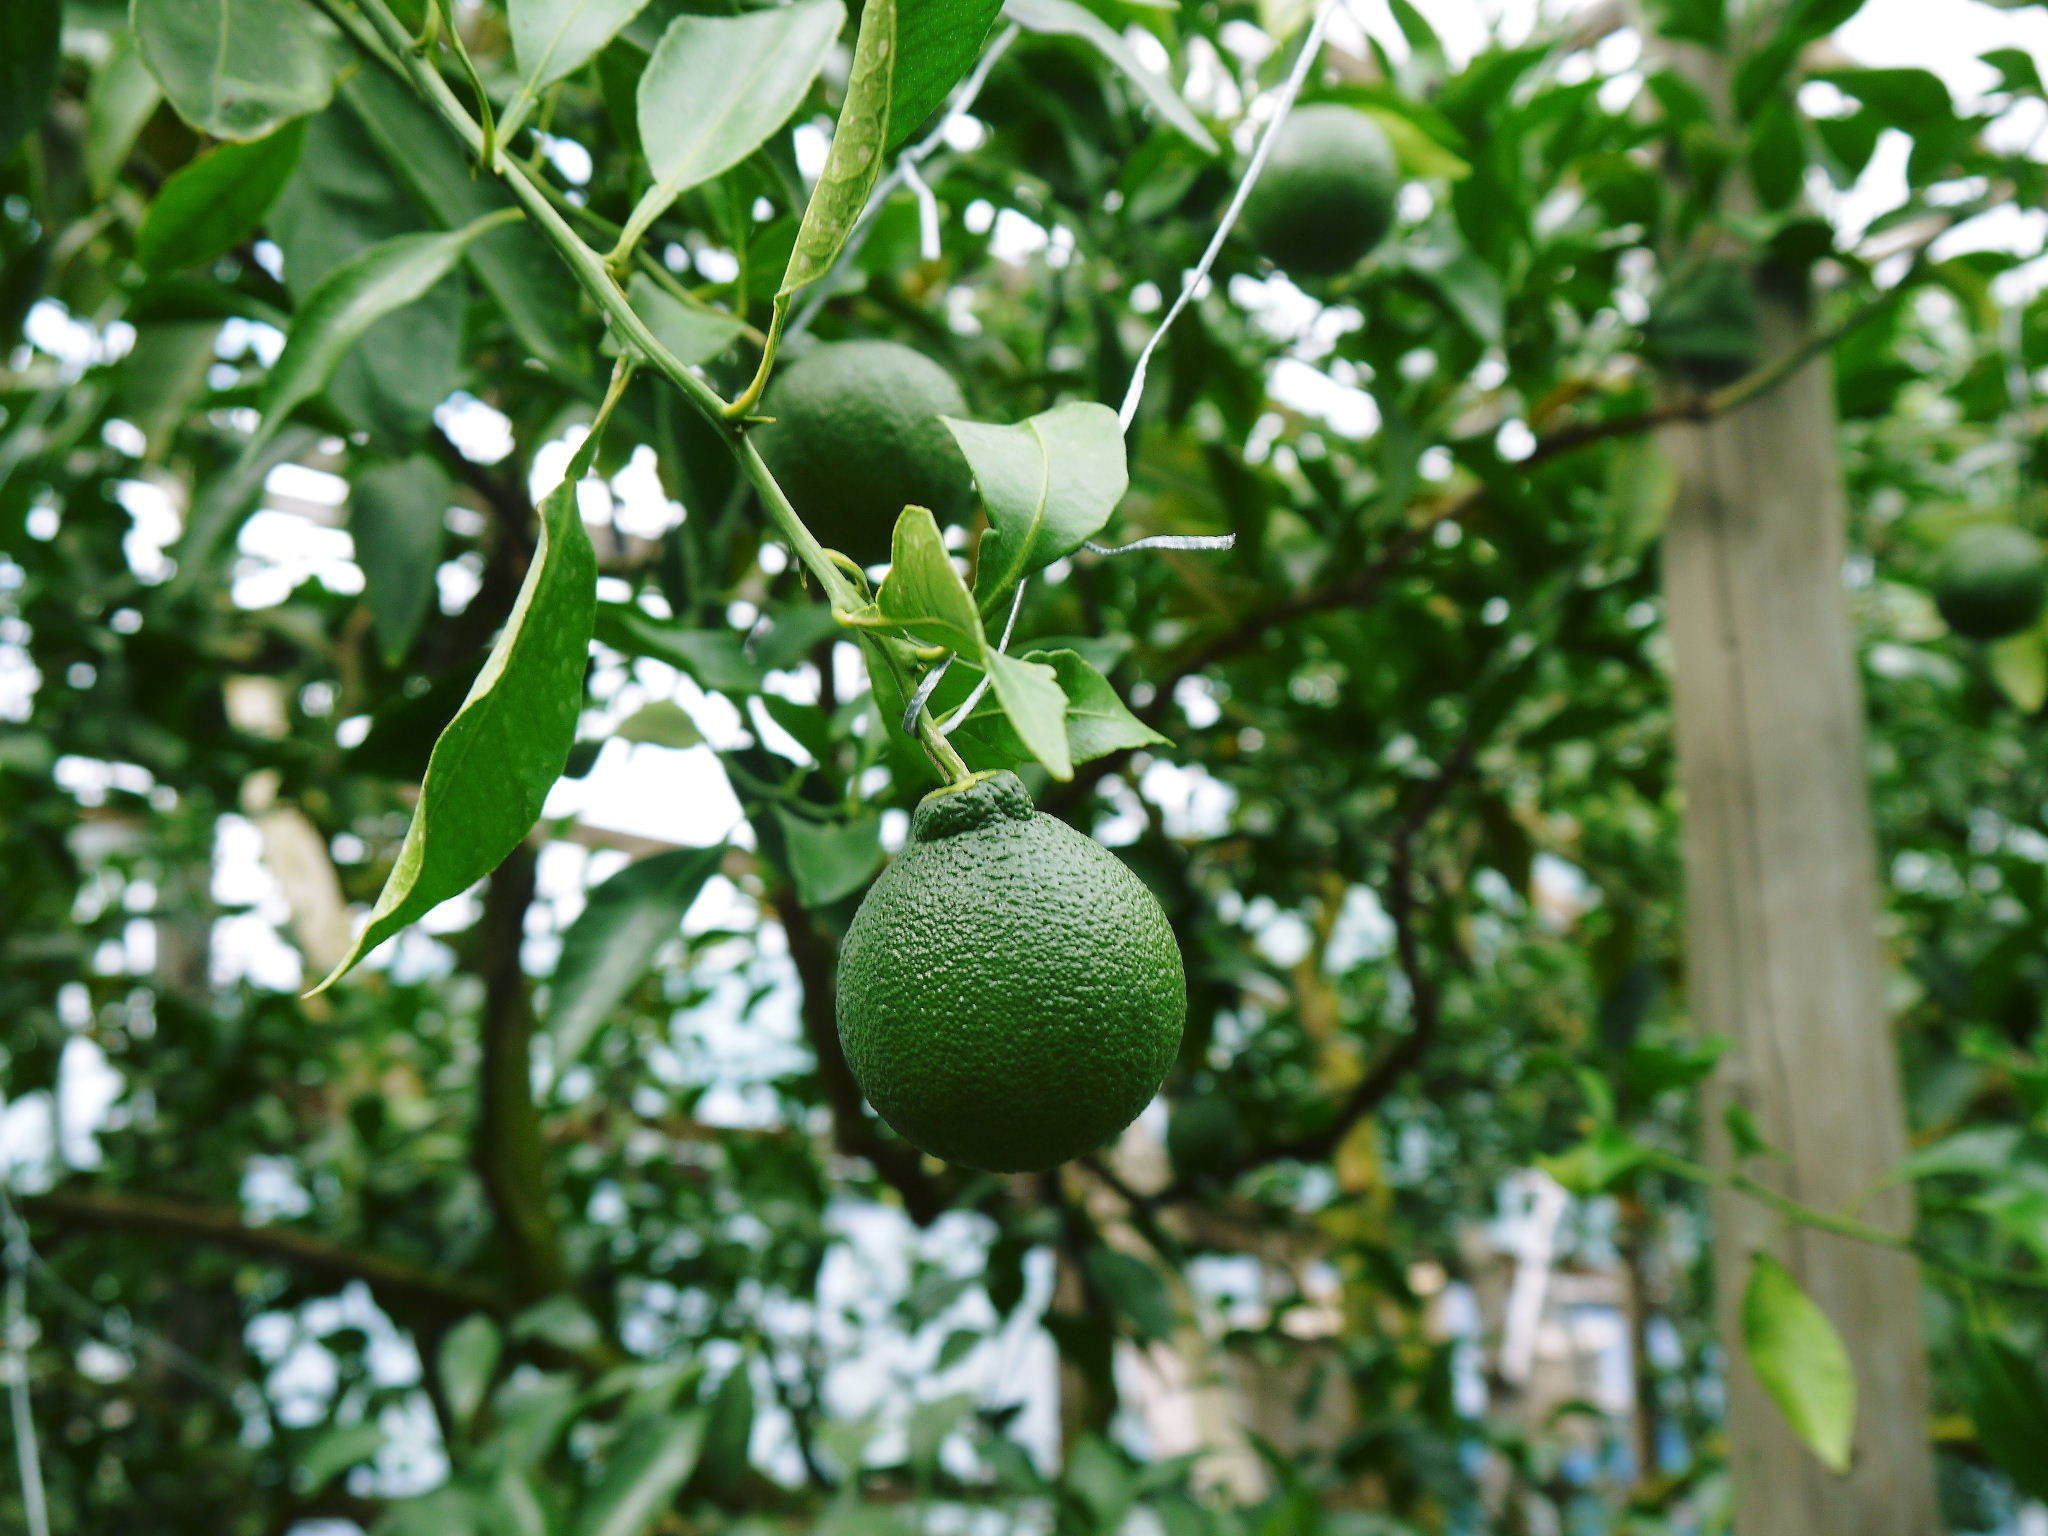 究極の柑橘『せとか』 令和2年度の収穫に向け今年も順調に成長中!着果後の様子を現地取材_a0254656_17275465.jpg